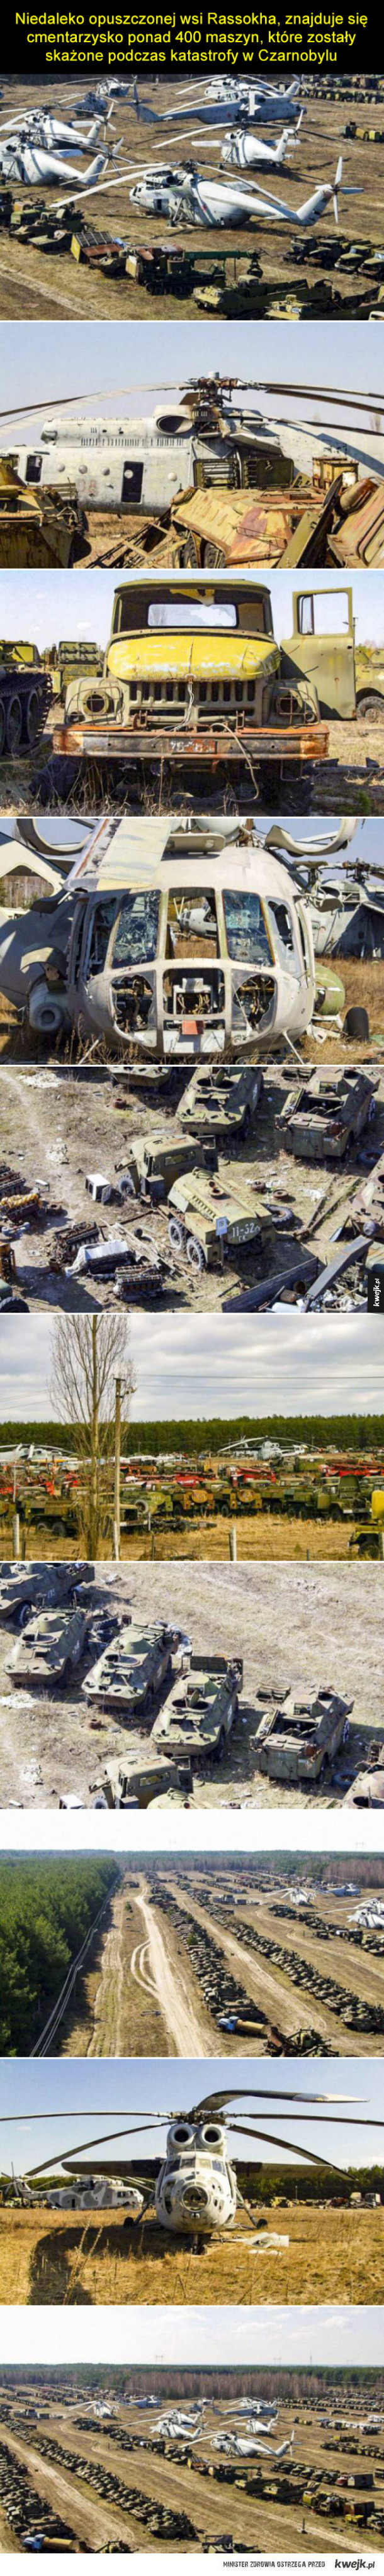 Cmentarzysko maszyn z Czarnobyla